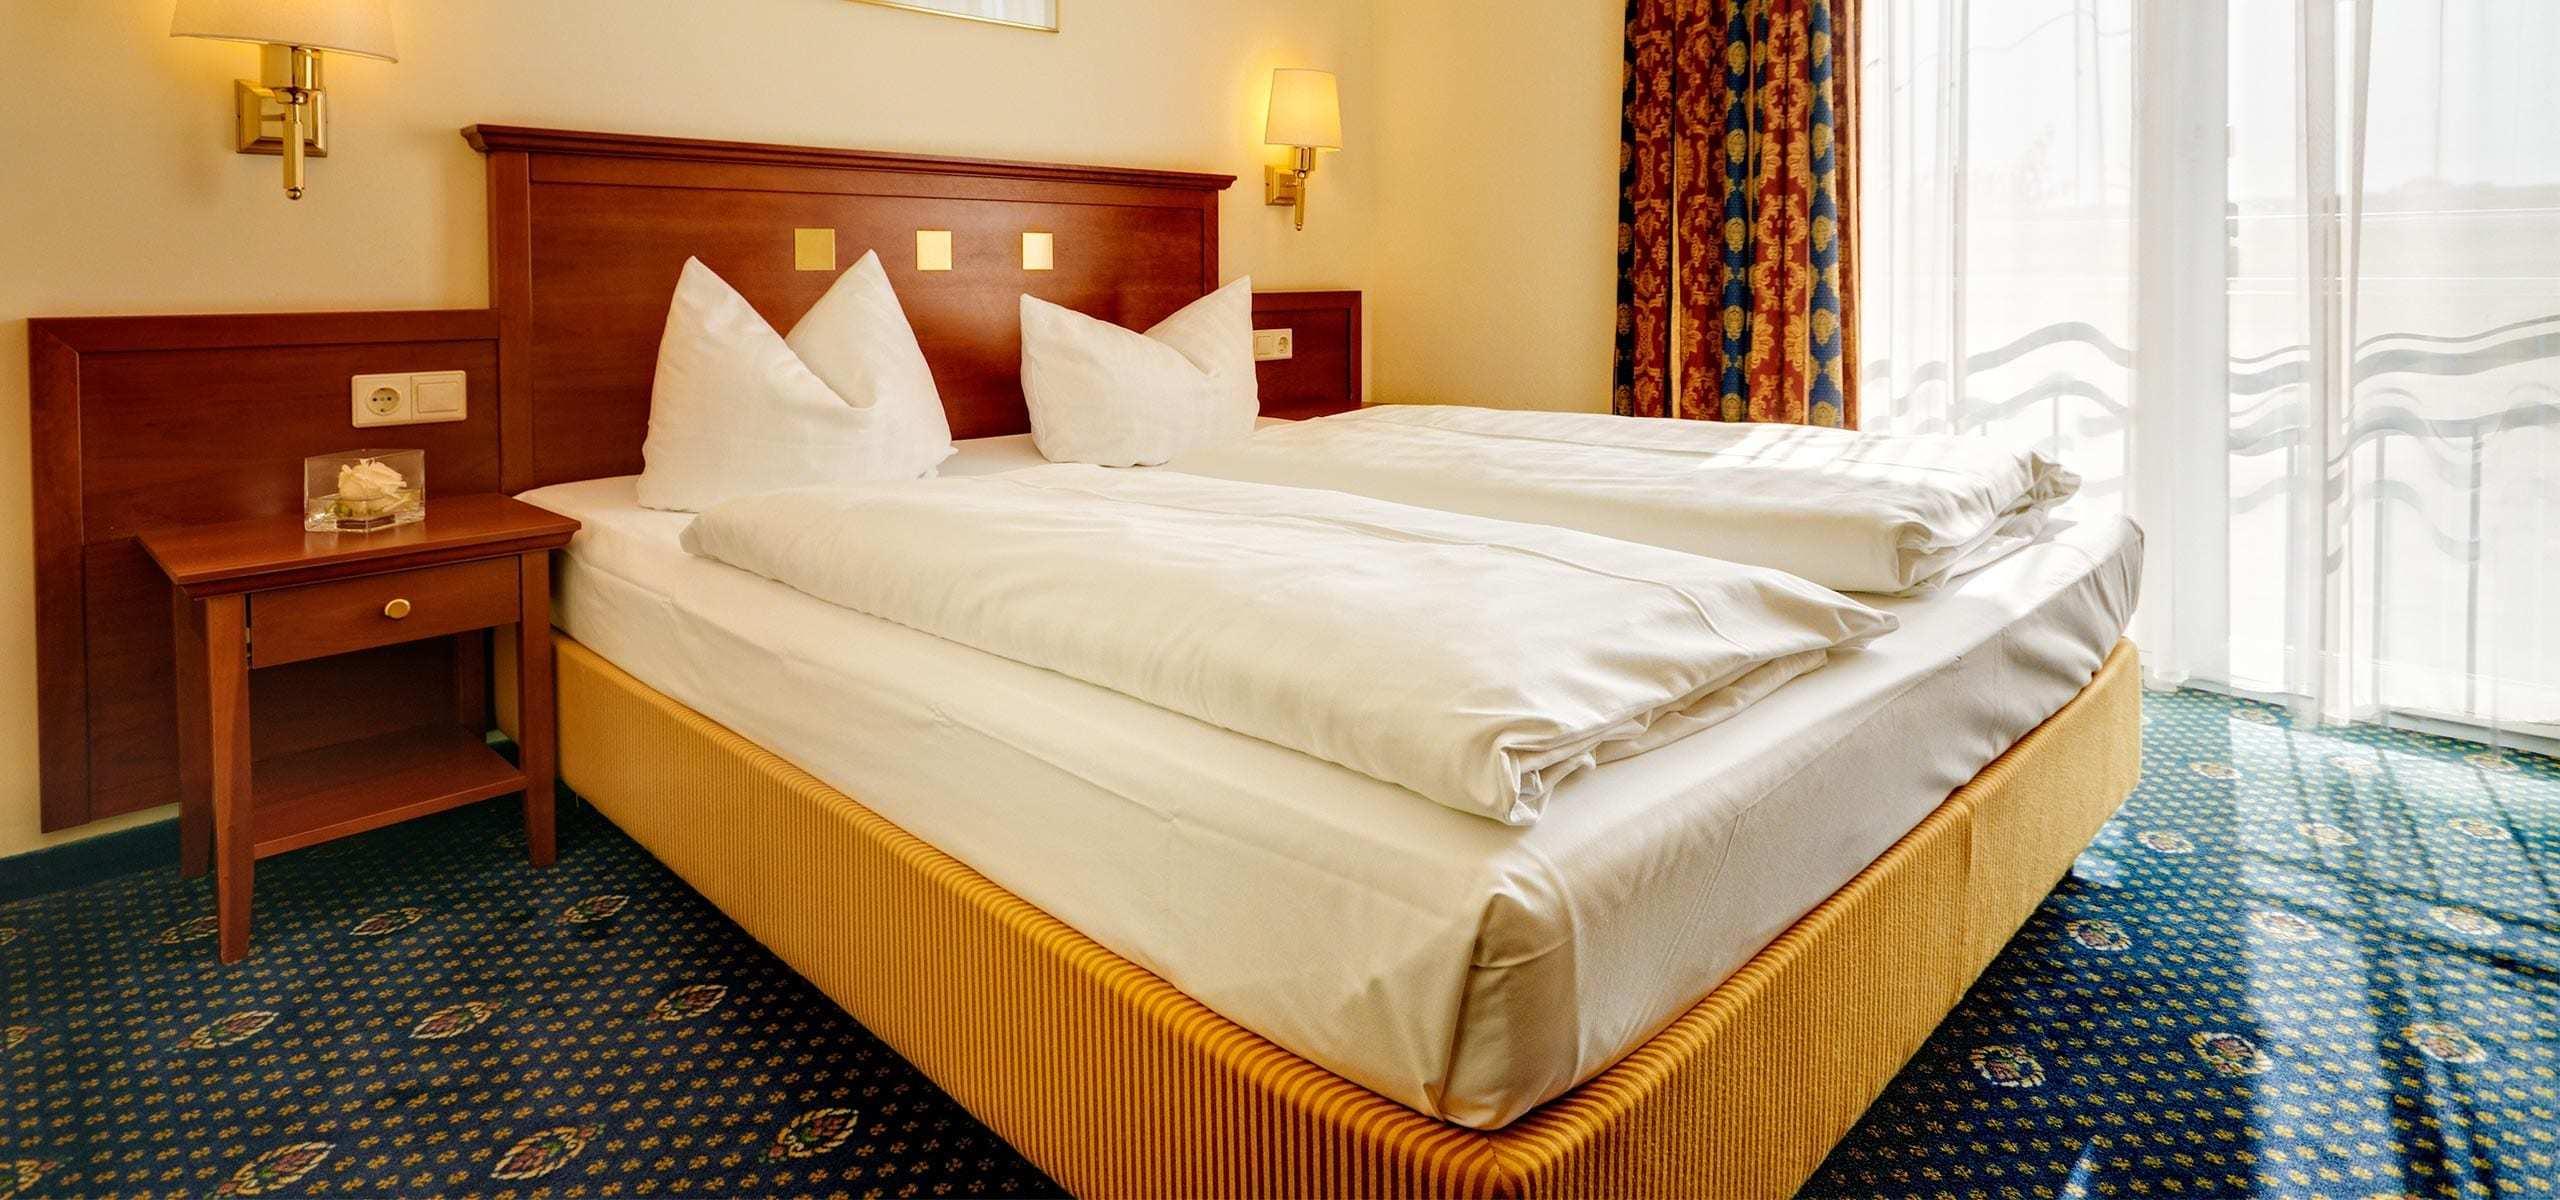 hotelzimmer landhotel hallnberg doppelzimmer